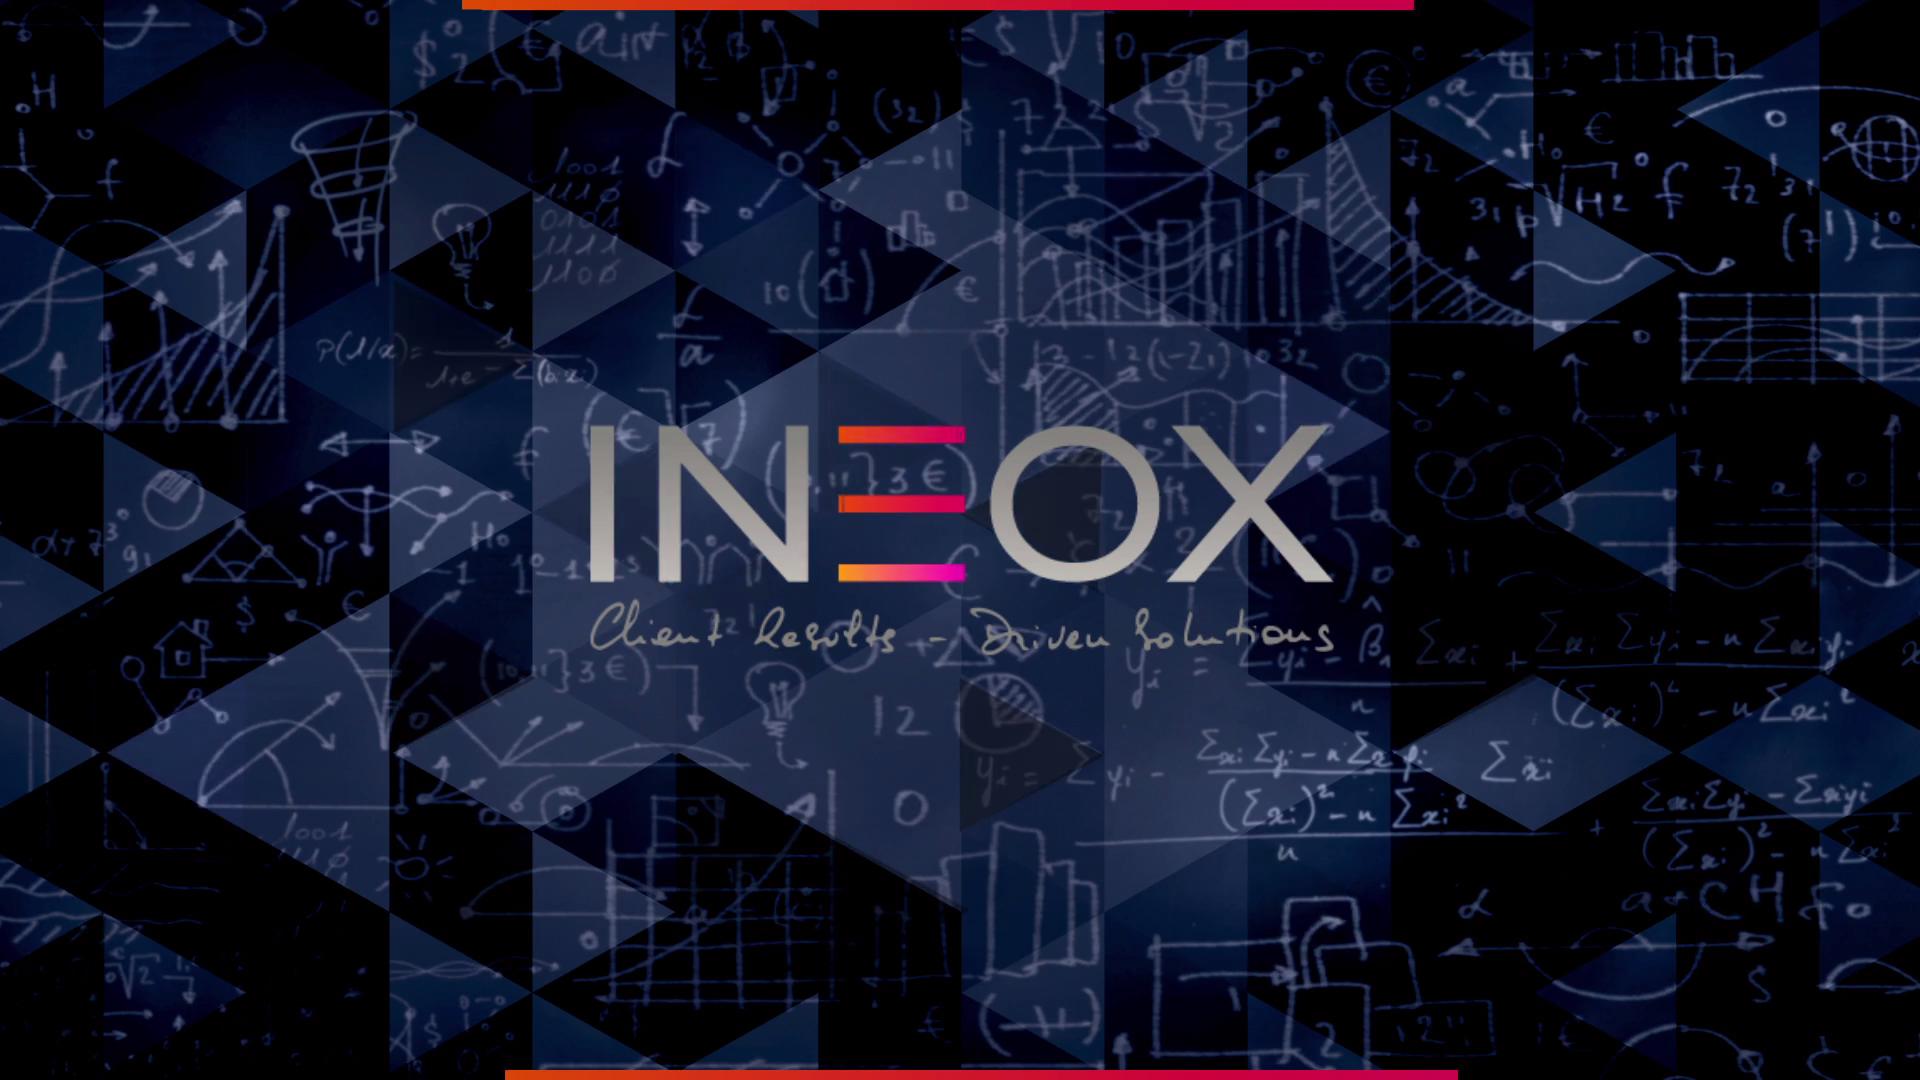 INEOX